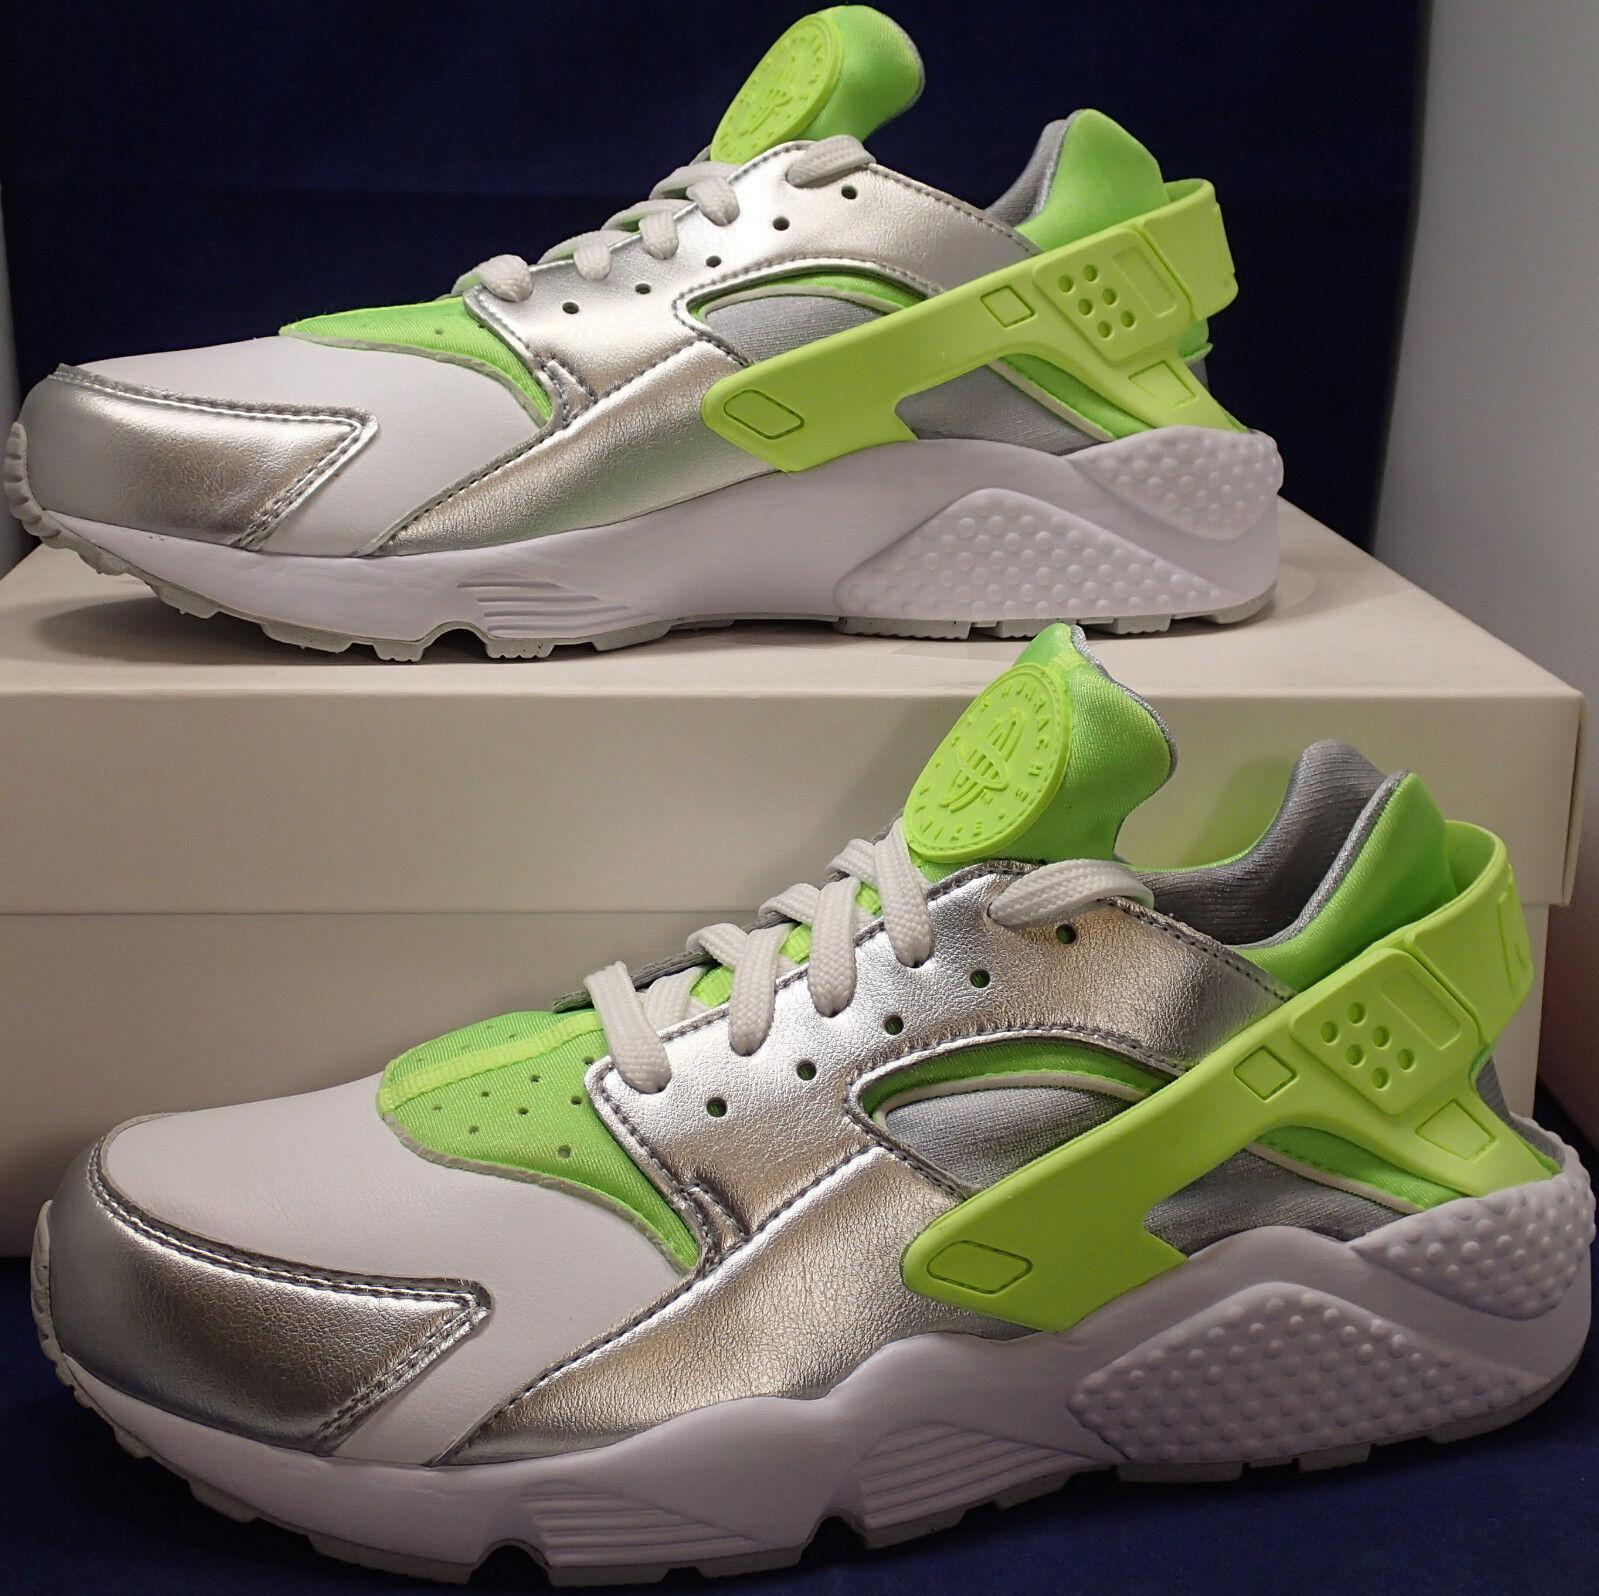 Nike Air Huarache Essential iD Silver Lime Green White SZ 9.5 ( 871140-993 )